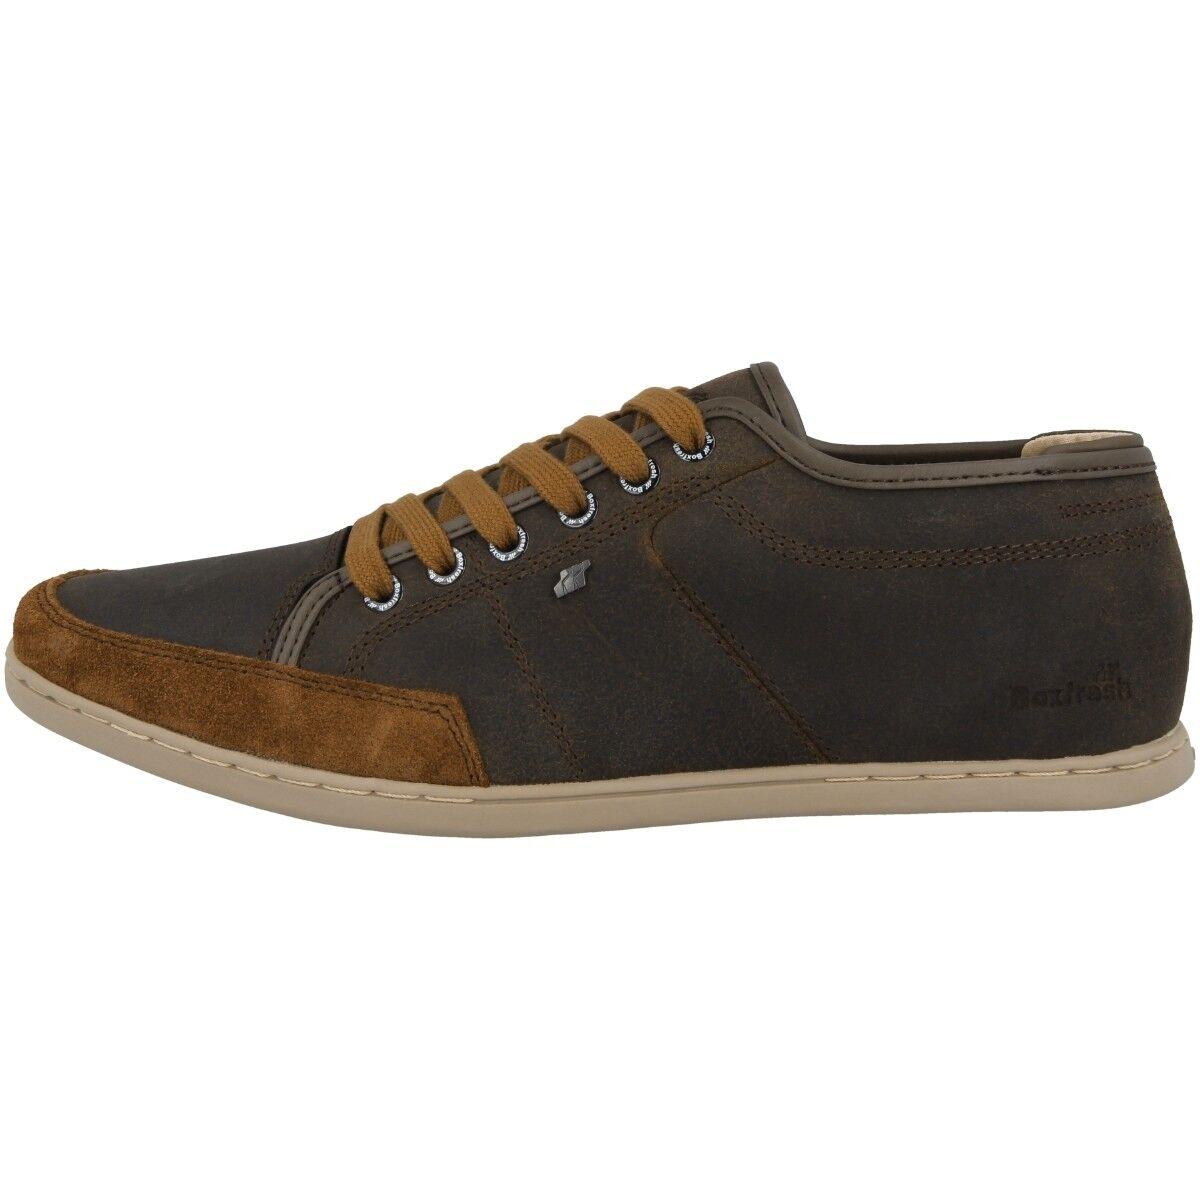 Boxfresh SPARKO Sports Ibrido pelle scarpe uomo SH Sneakers CIOCCOLATO e15363